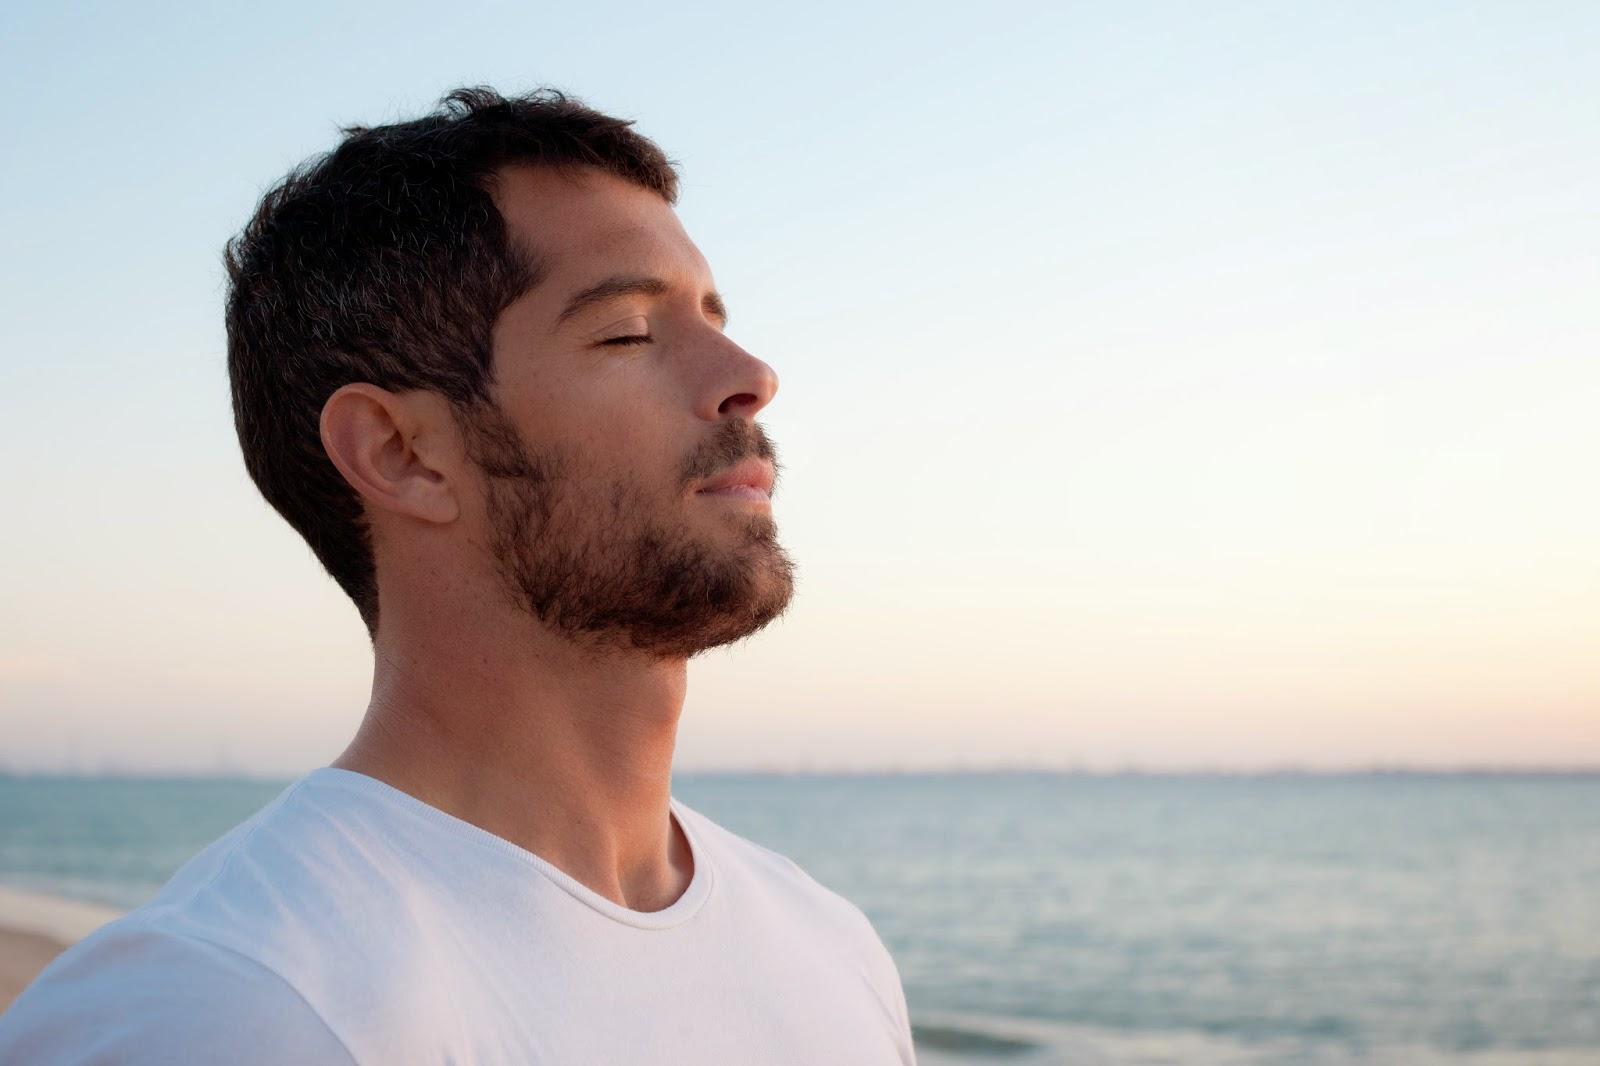 MEESTELE JA MEESTEST! Meeste Elustiilinädal läheneb läheneb tugevamale poolele vaimsest küljest